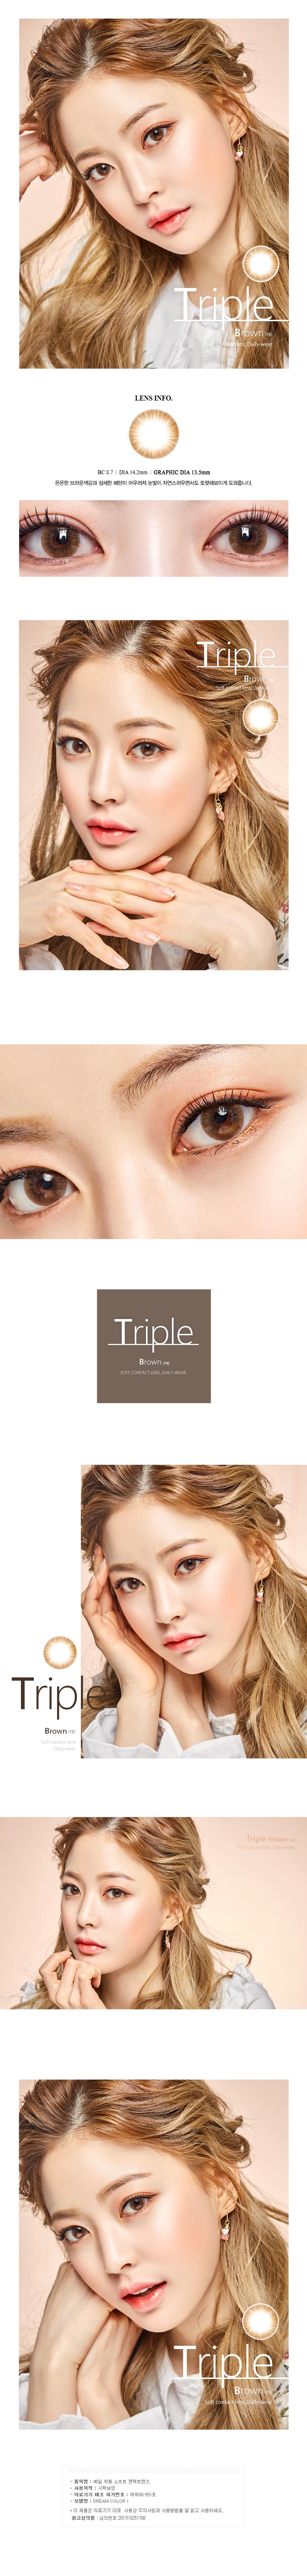 olens triple